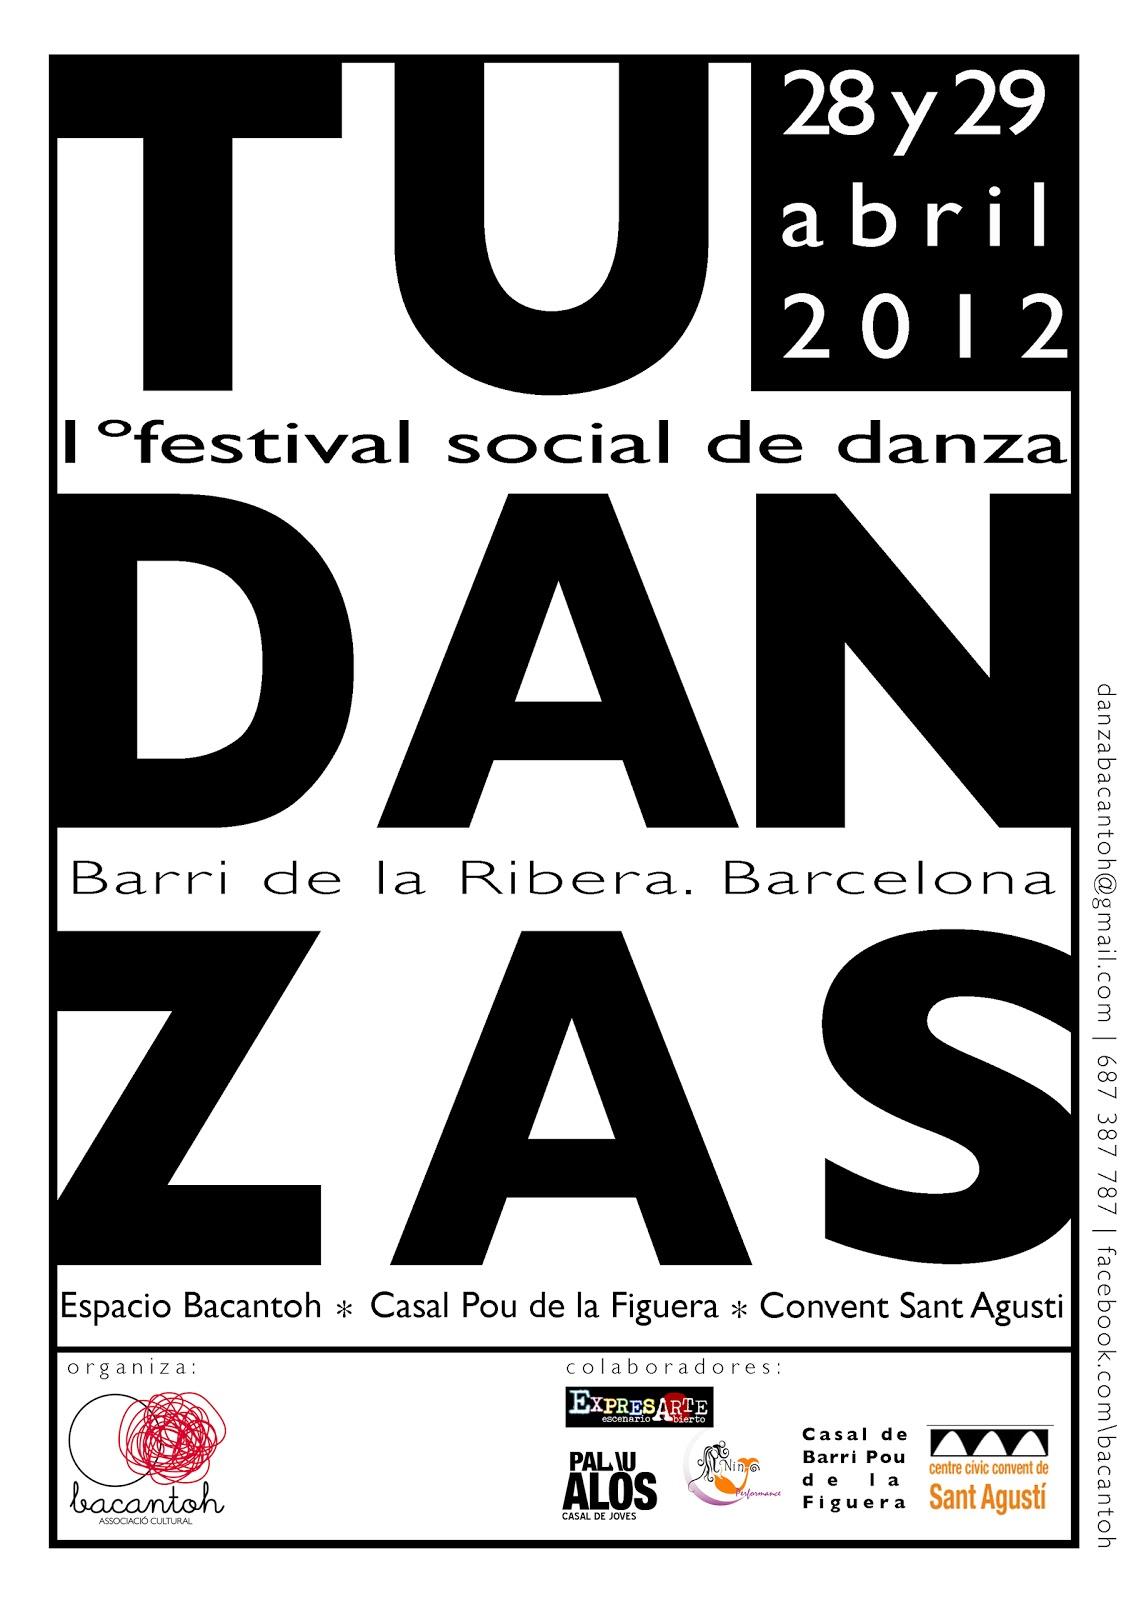 1º FESTIVAL SOCIAL DE DANZA| BARRI DE LA RIBERA